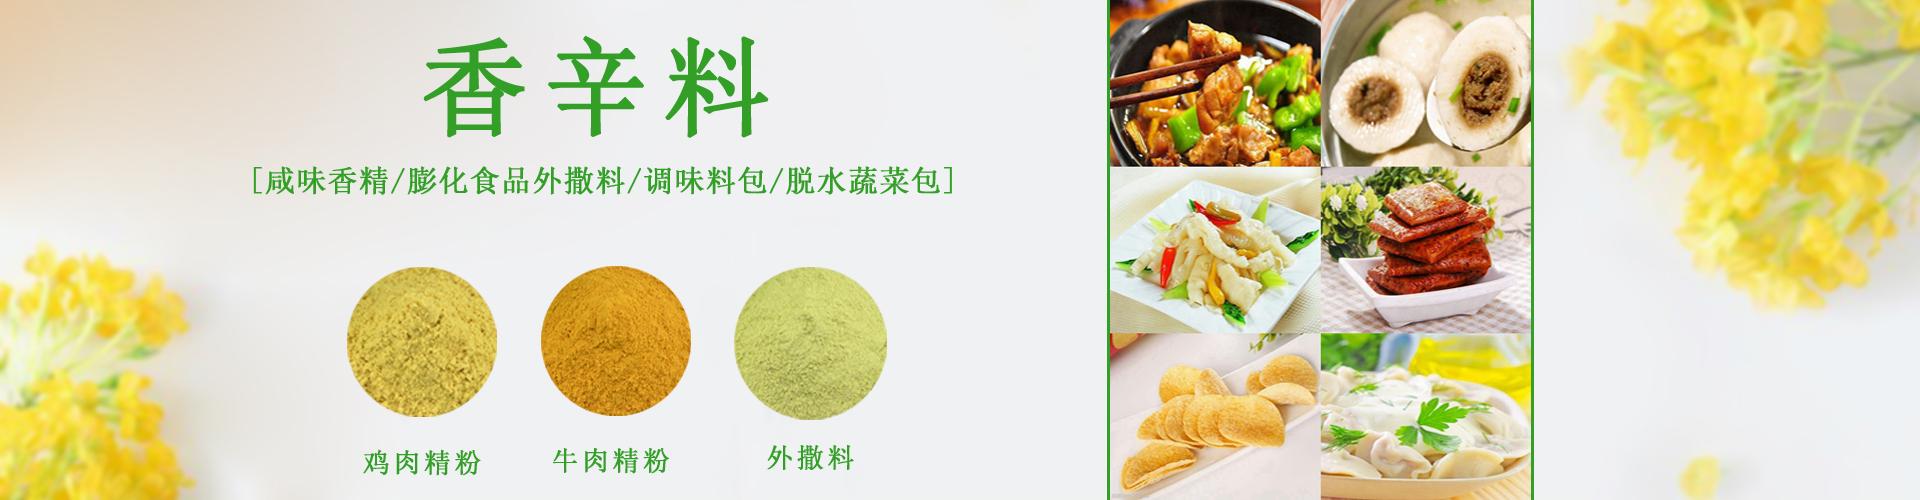 河南香曼食品有限公司